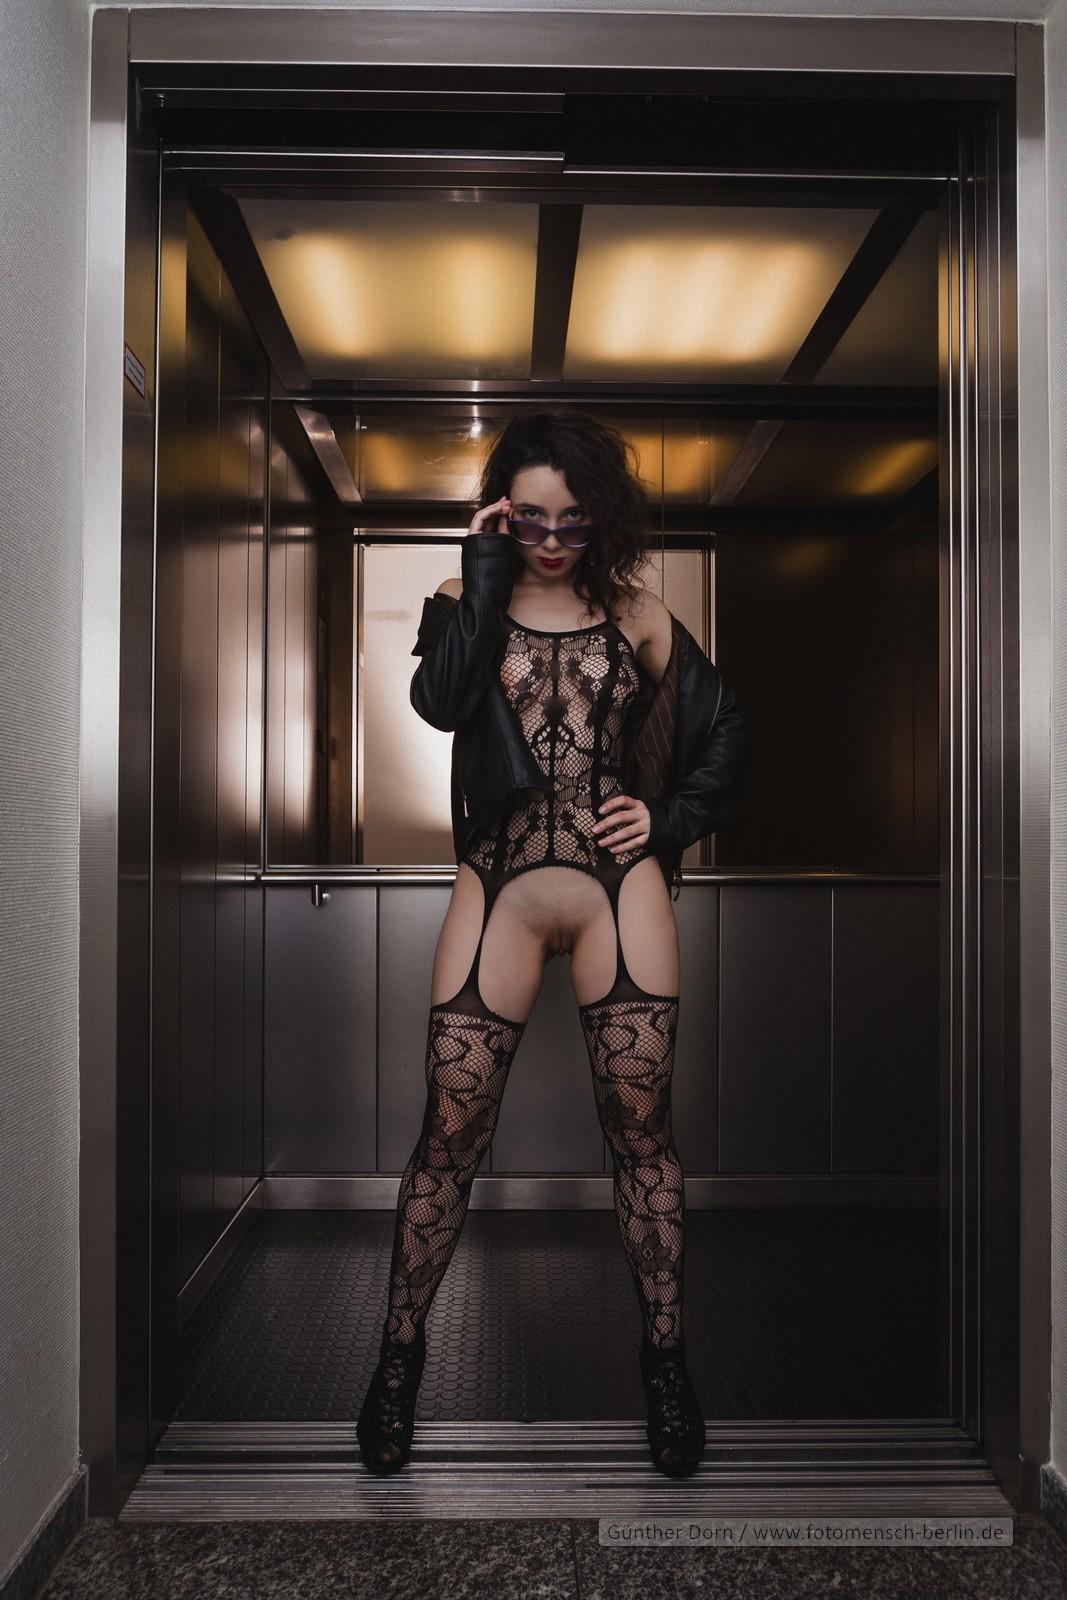 Wenn die Aufzugtür aufgeht…